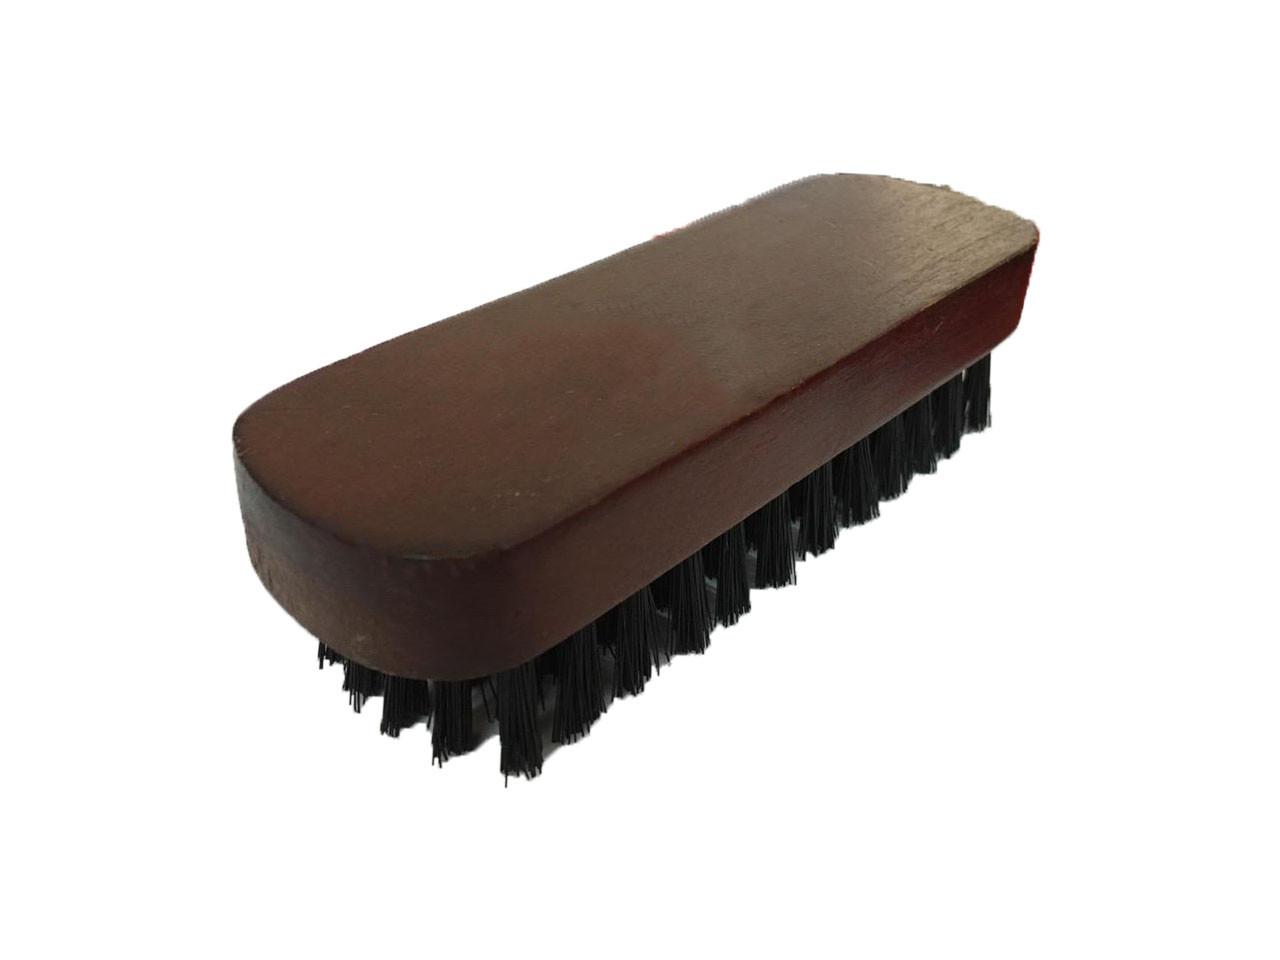 Щетка обувная  с лакированной коричневой деревянной ручкой (135 мм) , черный ворс(19 мм) W-12